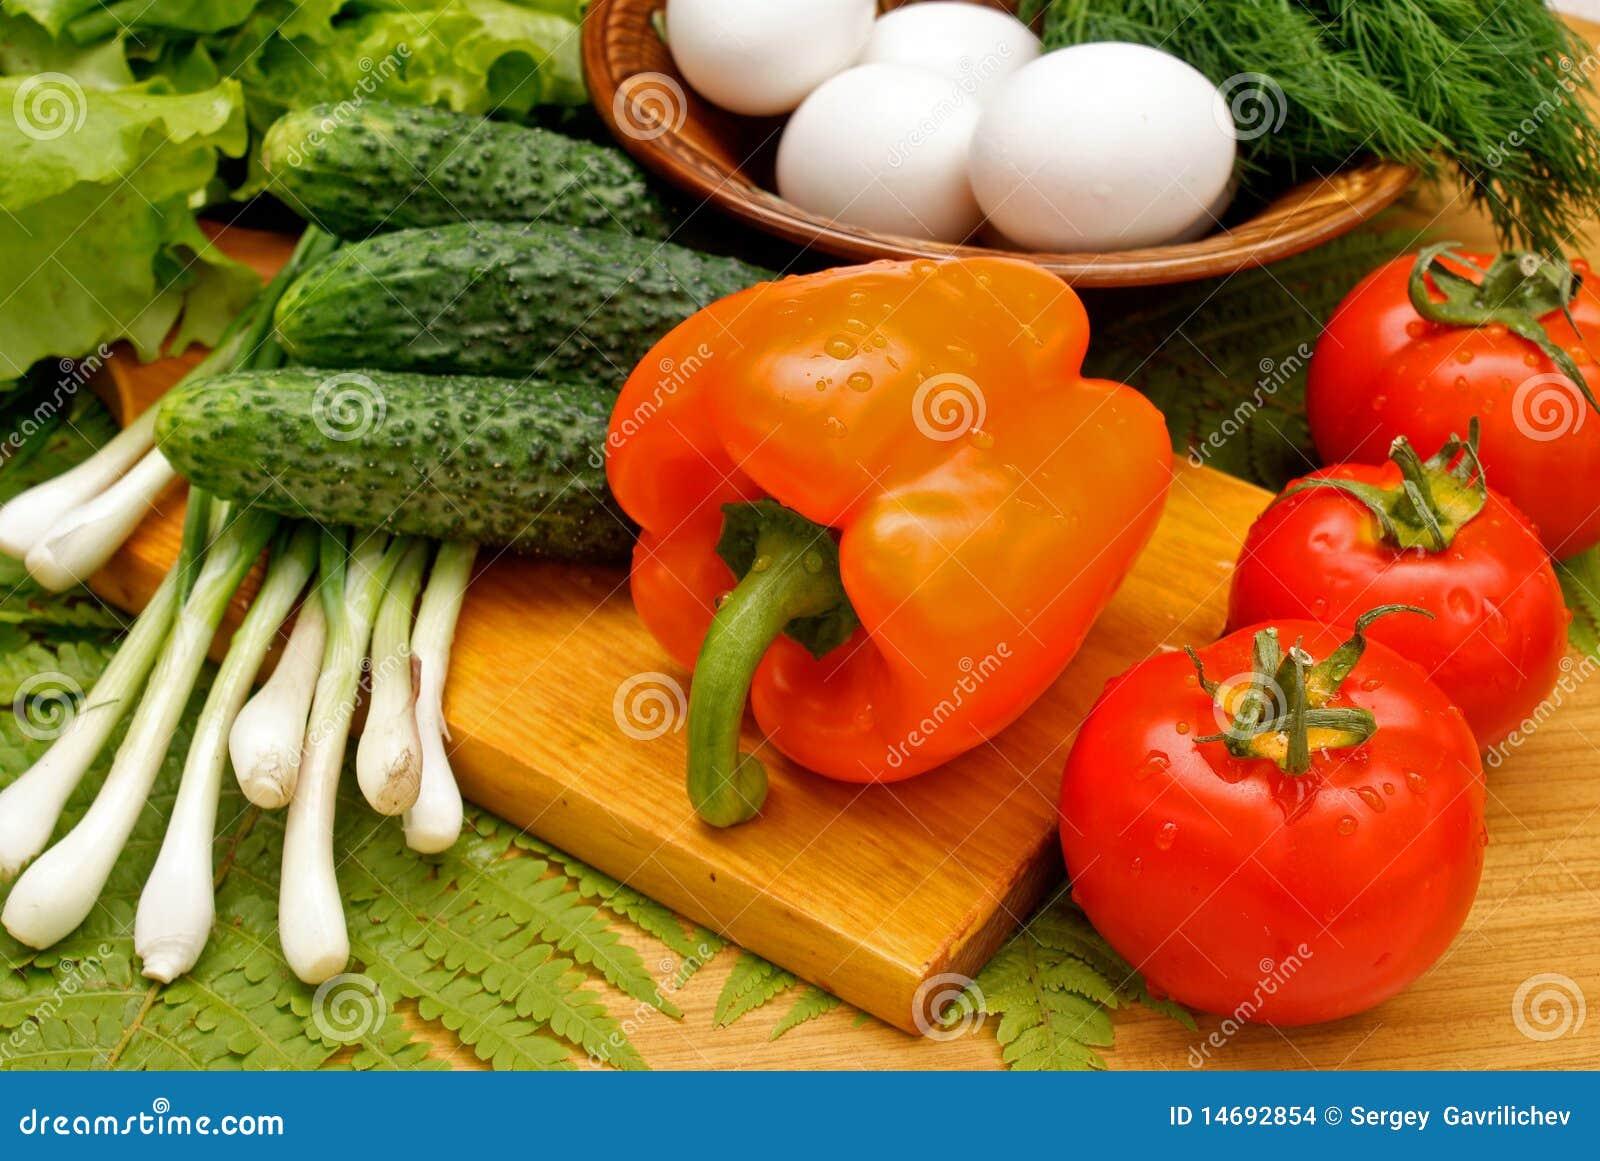 Appetizing light vegetables snack